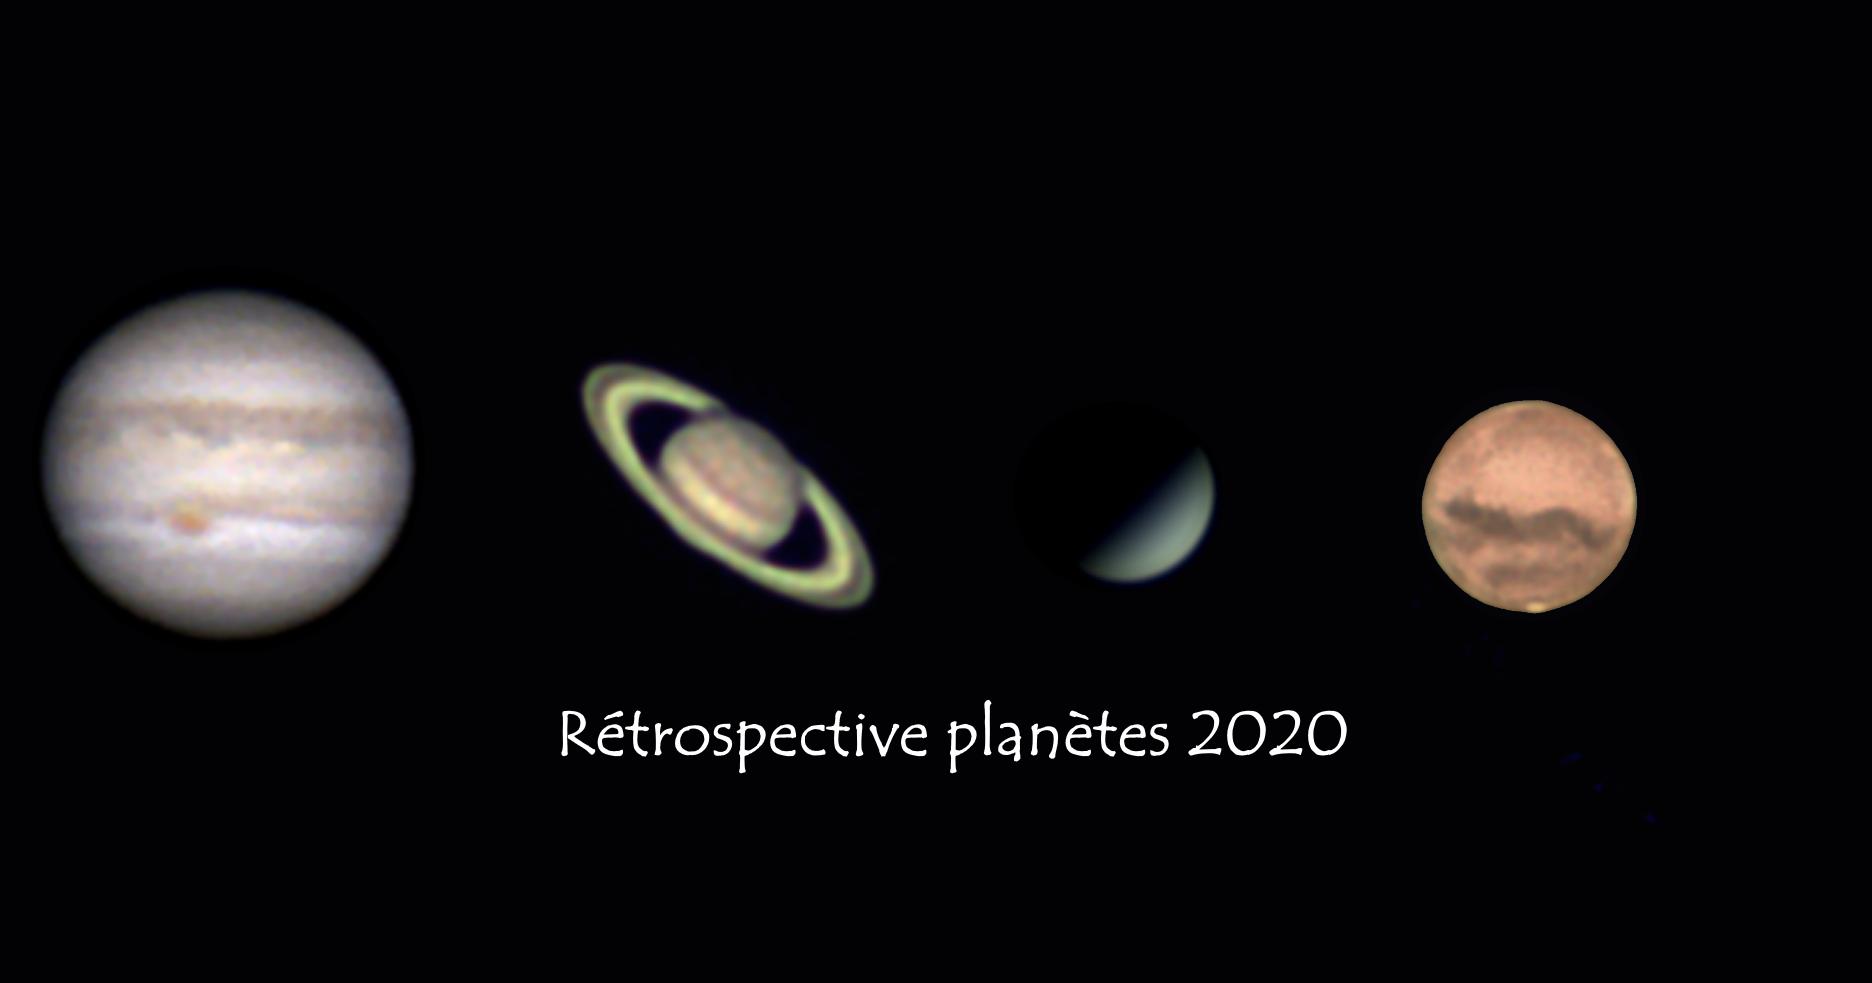 Rétrospective planètes 2020